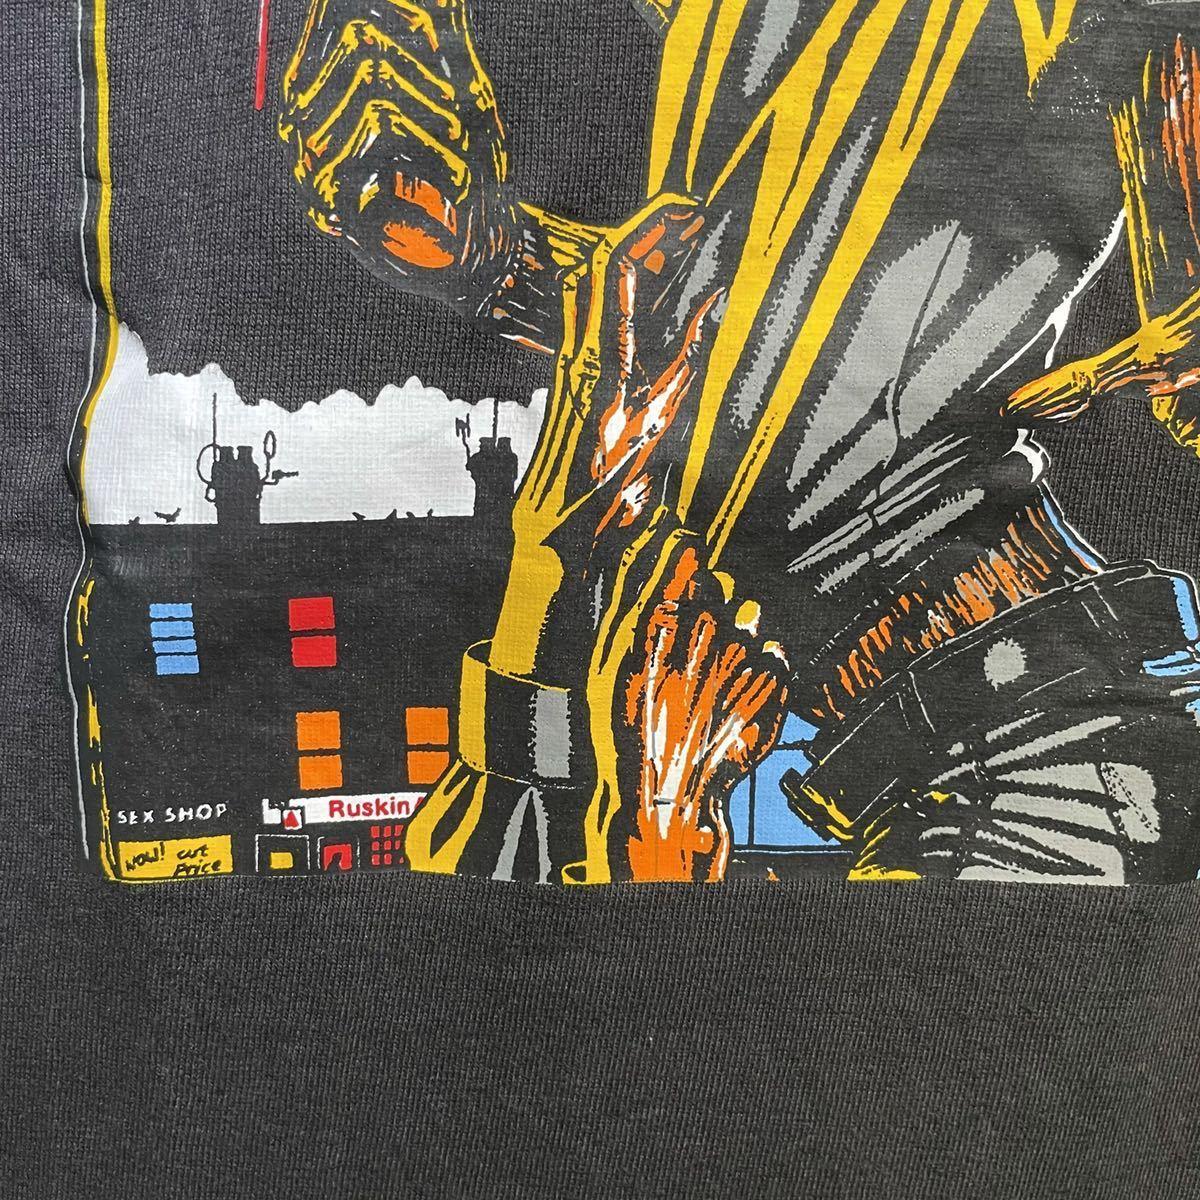 【希少】'00 IRON MAIDEN バンド Tシャツ Australia製 L ヴィンテージ / Metallica Guns N' Roses AC/DC Led Zeppelin Nirvana 80s 90s_画像4